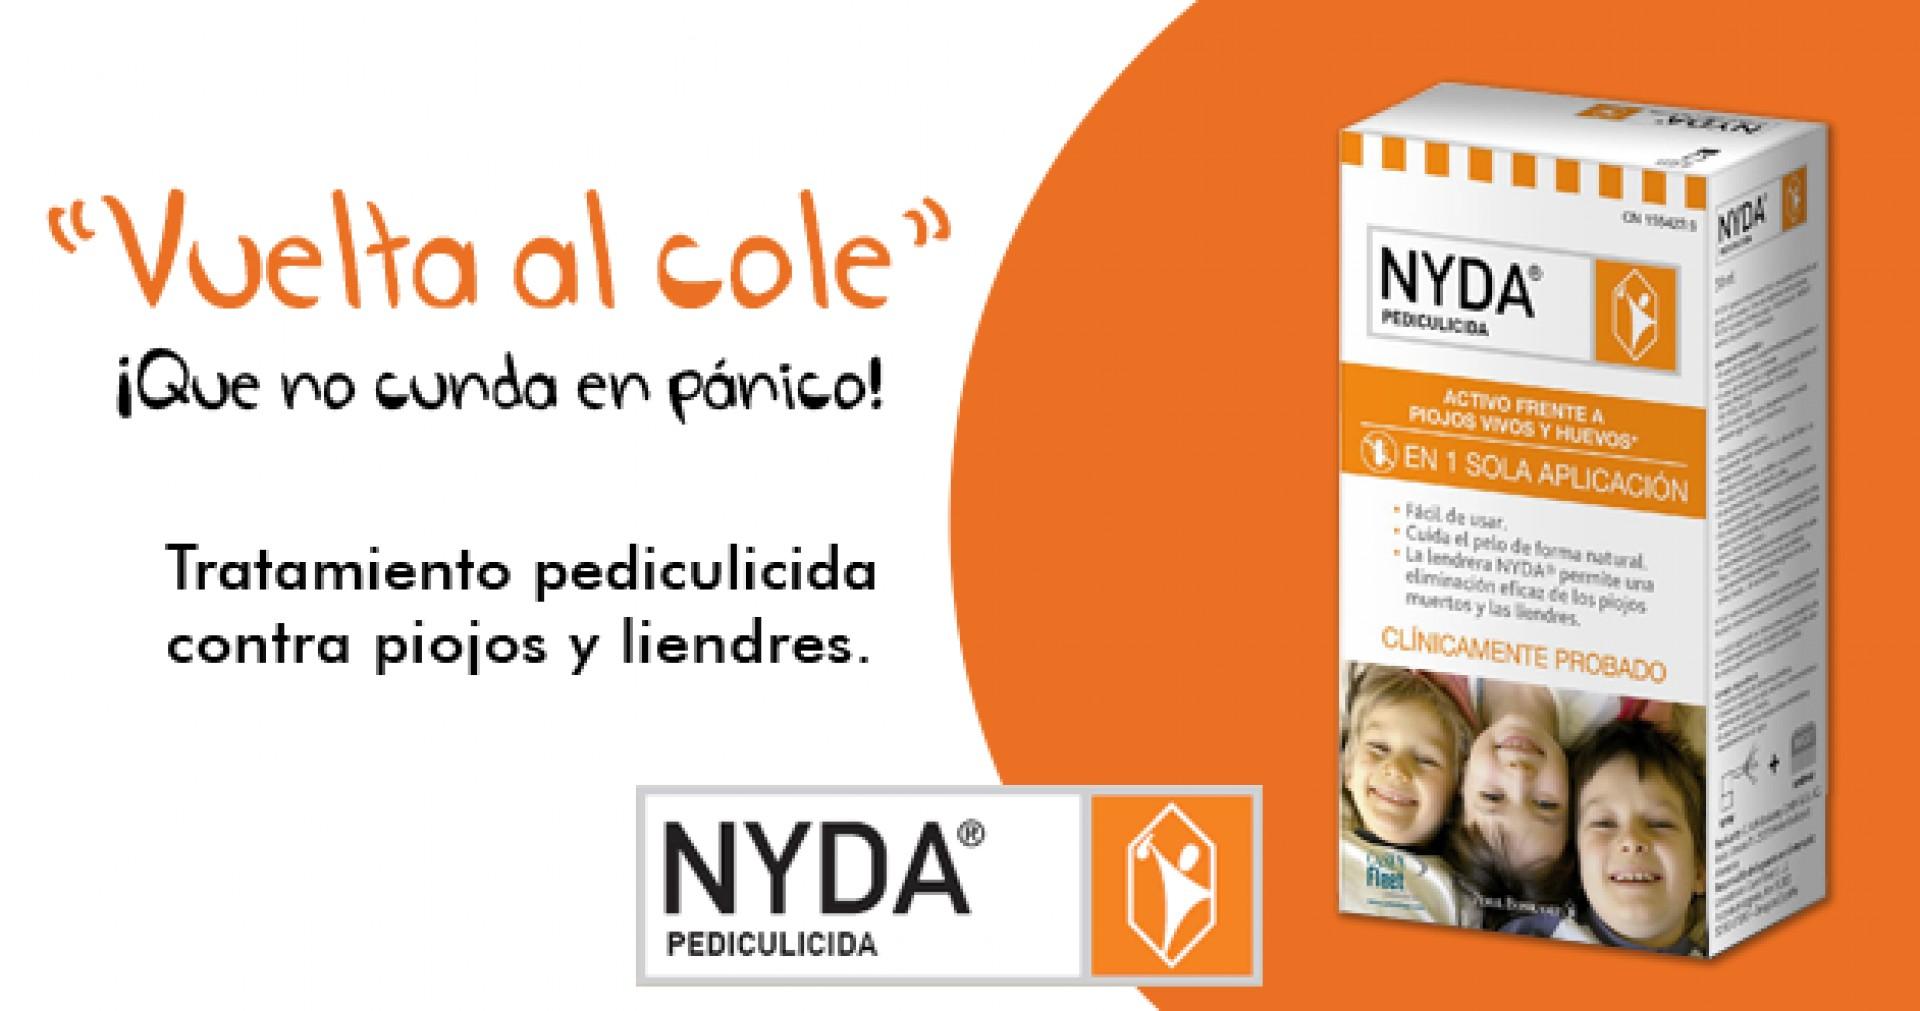 Tratamiento contra piojos NYDA